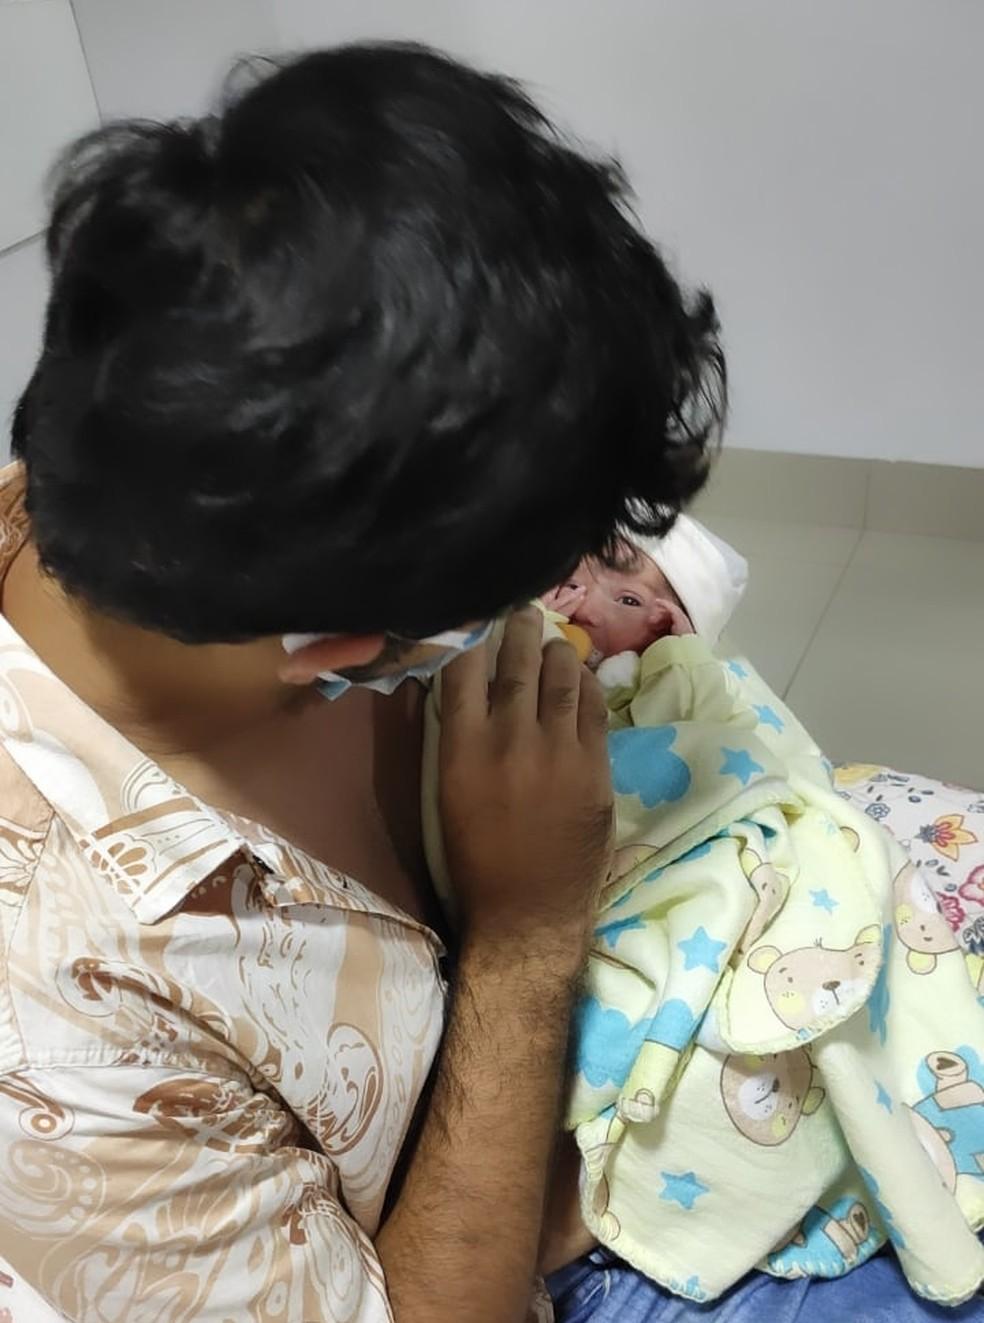 Cairo Yuri e o pequeno Bento, horas após ter tido alta hospitalar em Imperatriz (MA) — Foto: Redes sociais